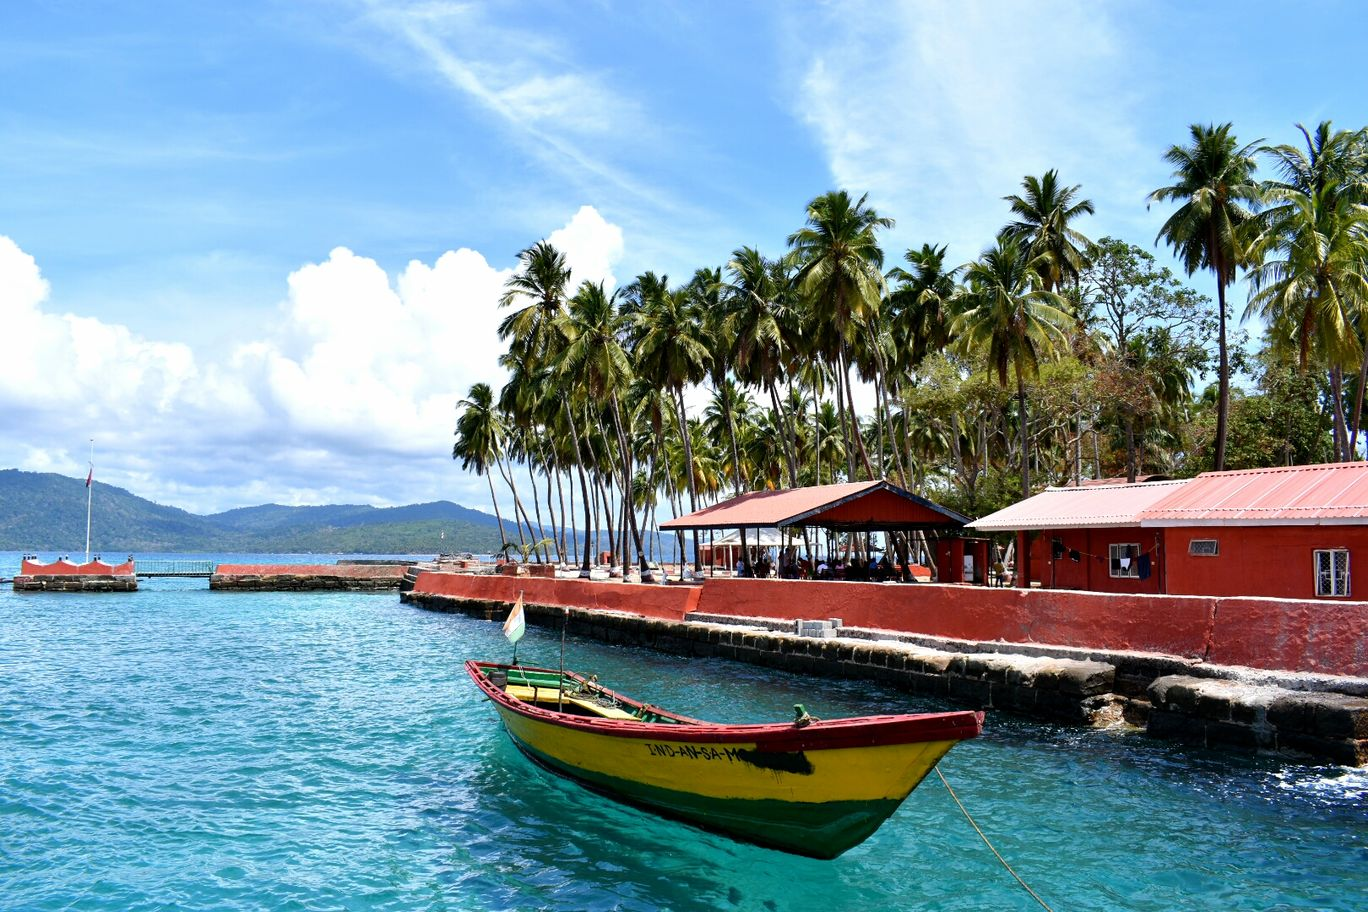 Photo of Andaman and Nicobar Islands By Sayantani